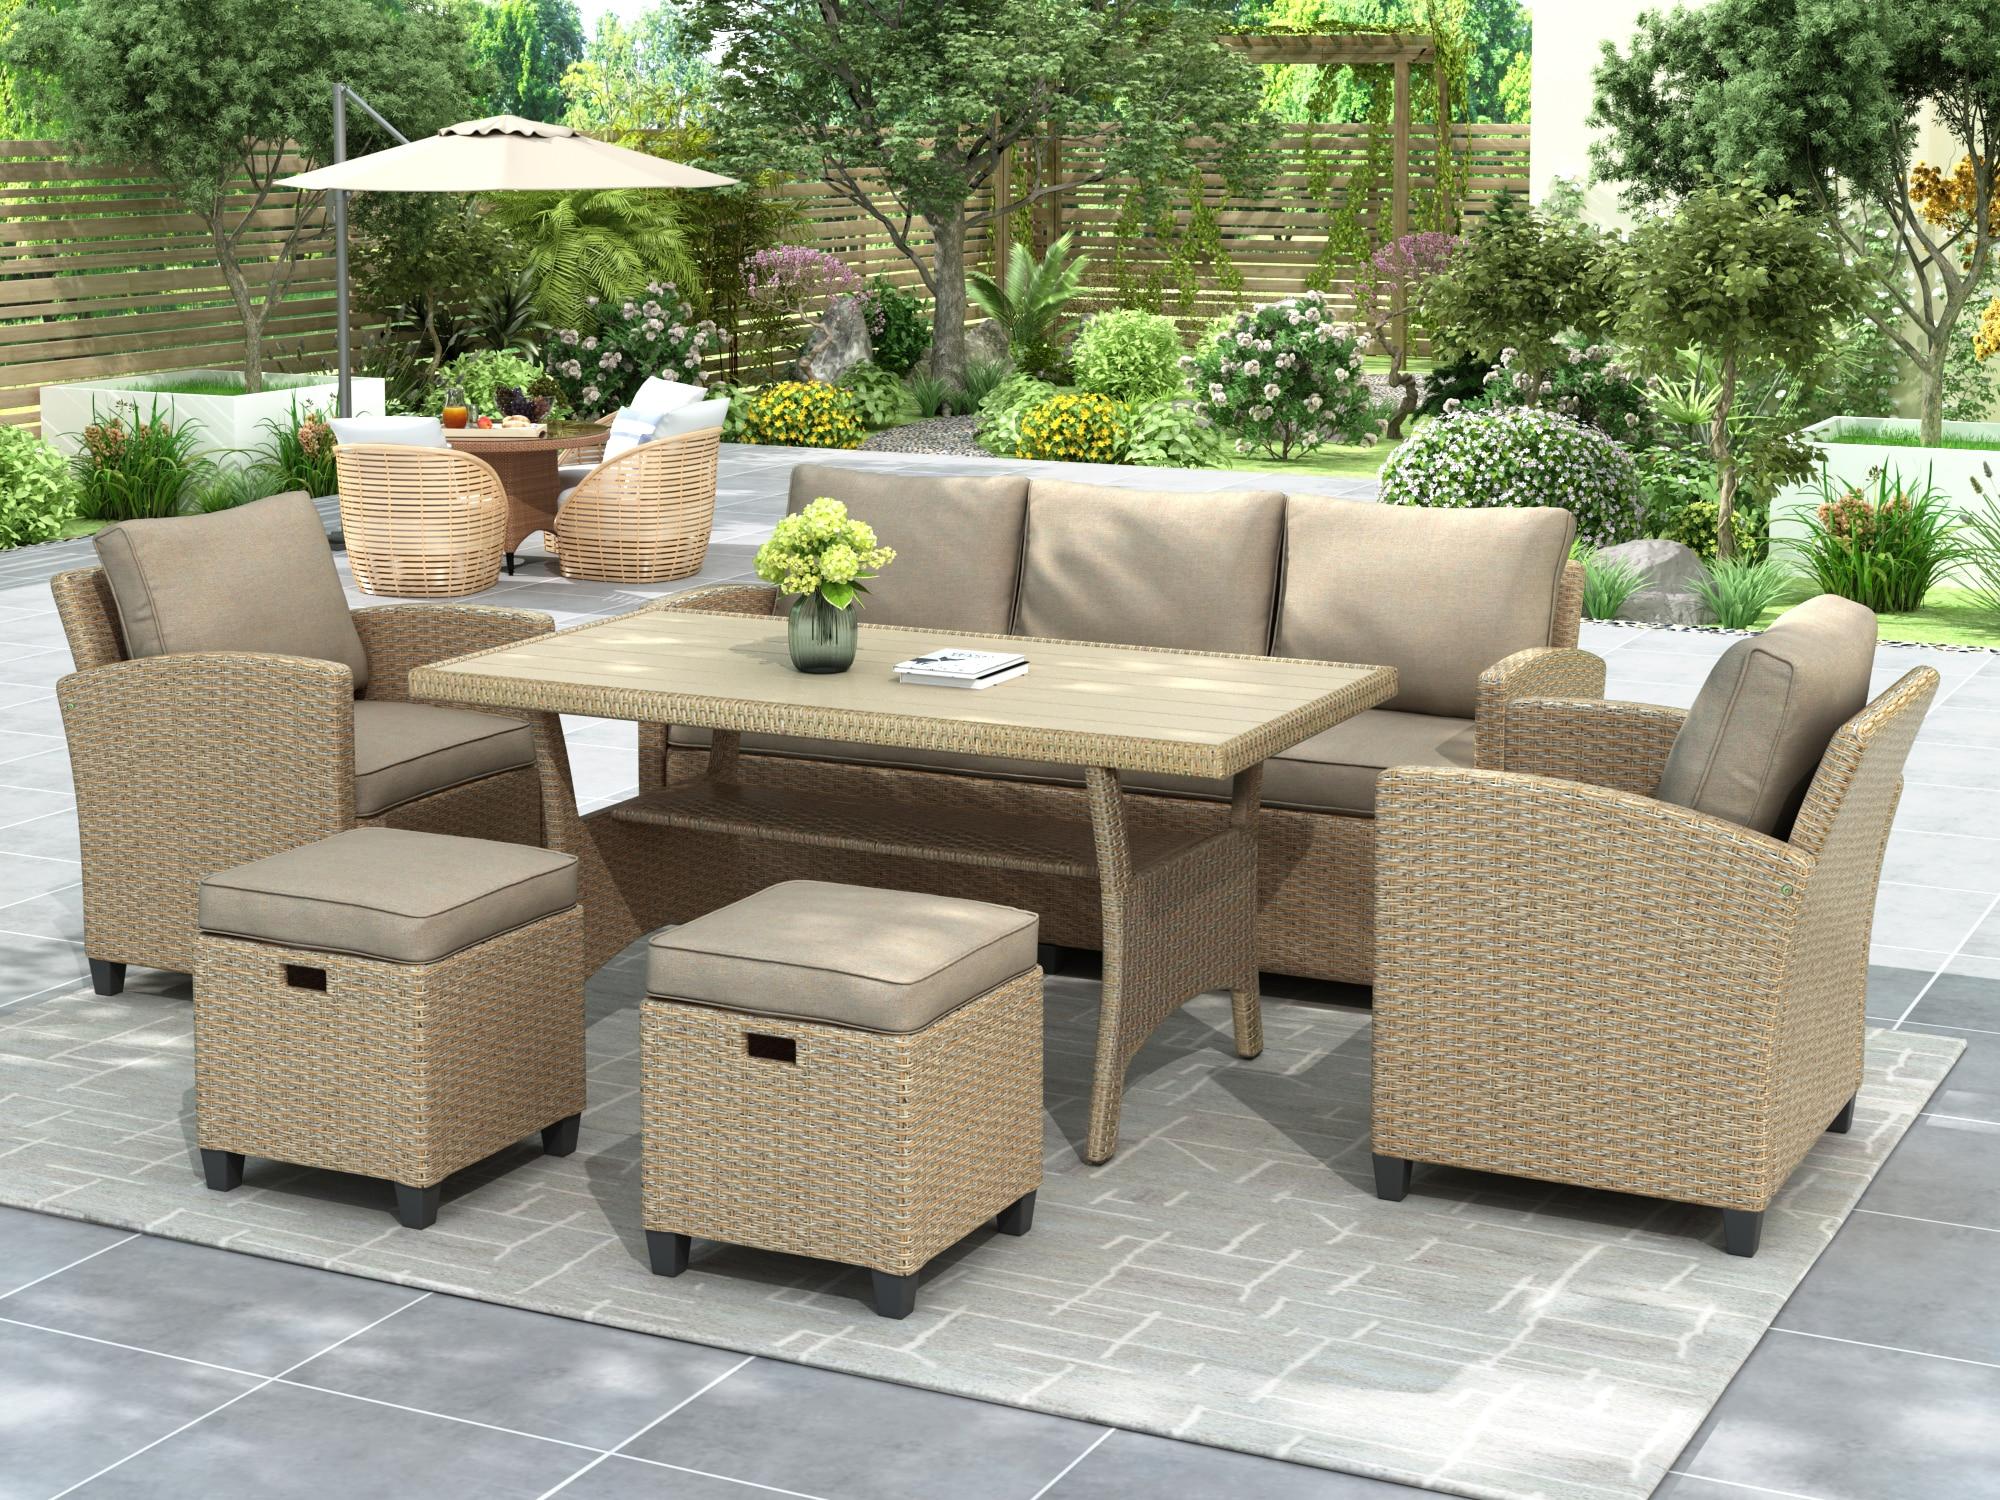 Набор современных секционных диванов из ротанга, садовая мебель, уличные диваны на заднем дворе, стулья и наборы столов у бассейна